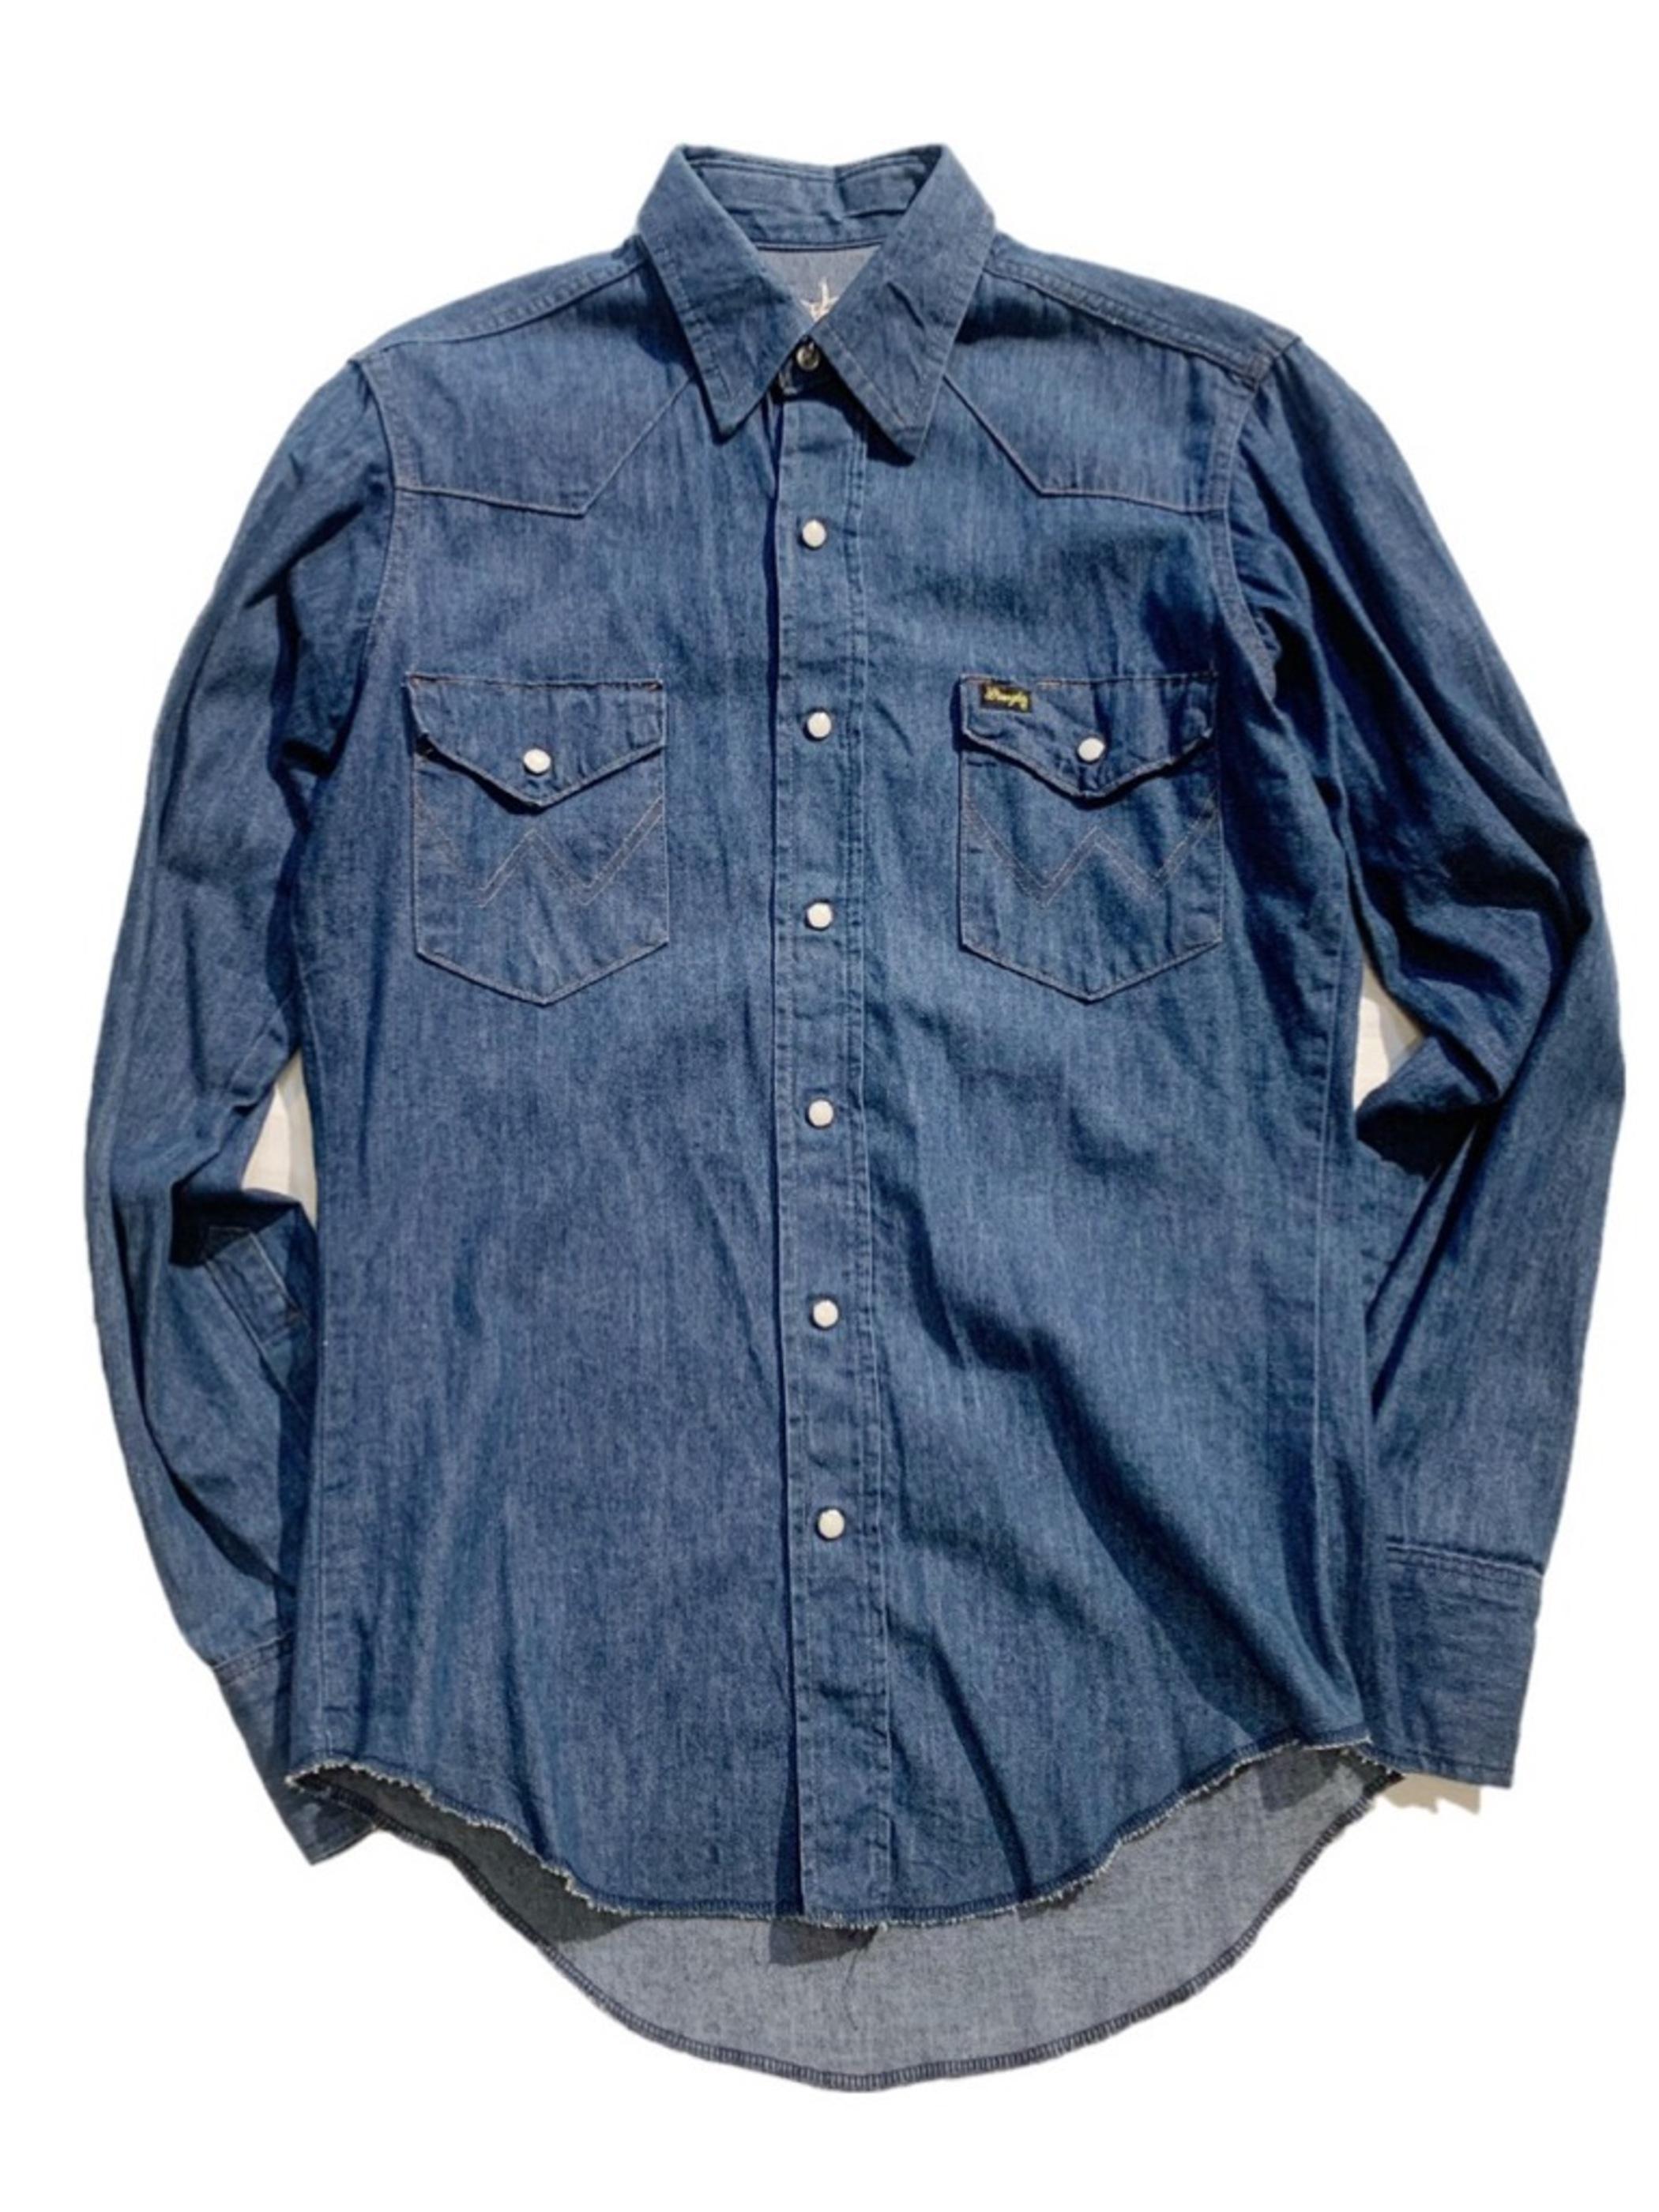 70's Wrangler Western shirt